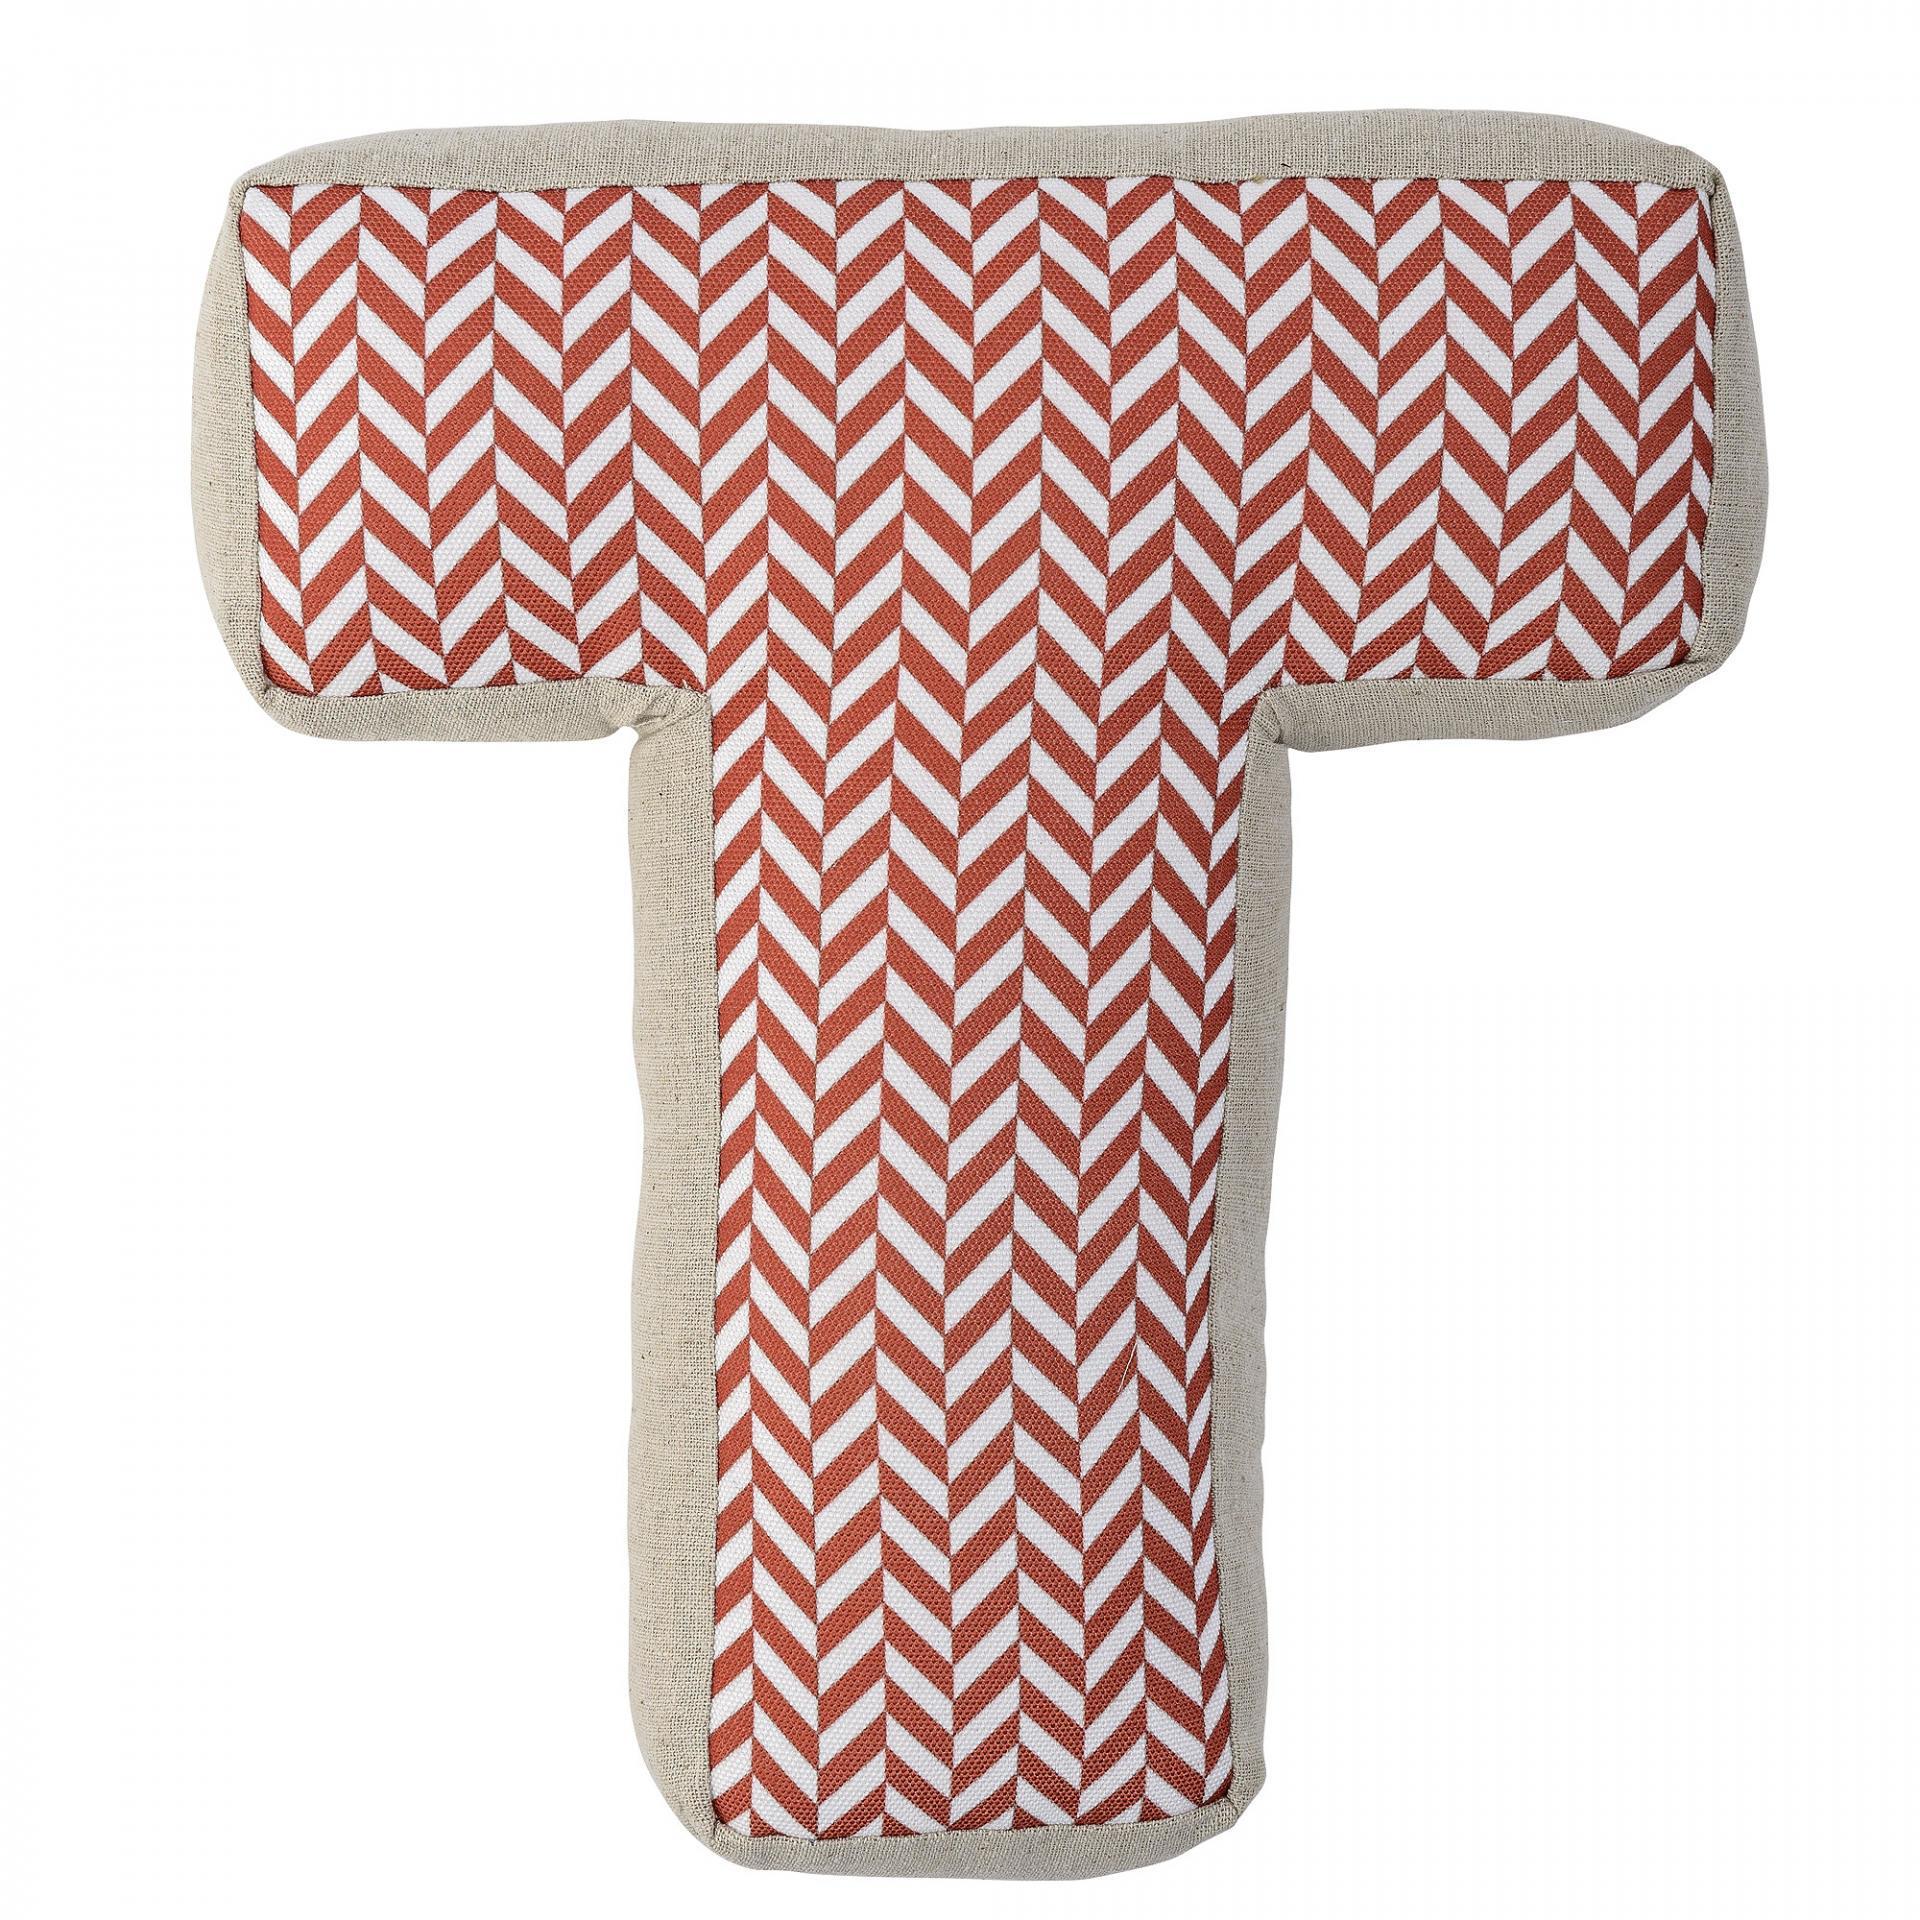 Bloomingville Dětský polštářek Checked ve tvaru písmene T, červená barva, oranžová barva, béžová barva, bílá barva, textil